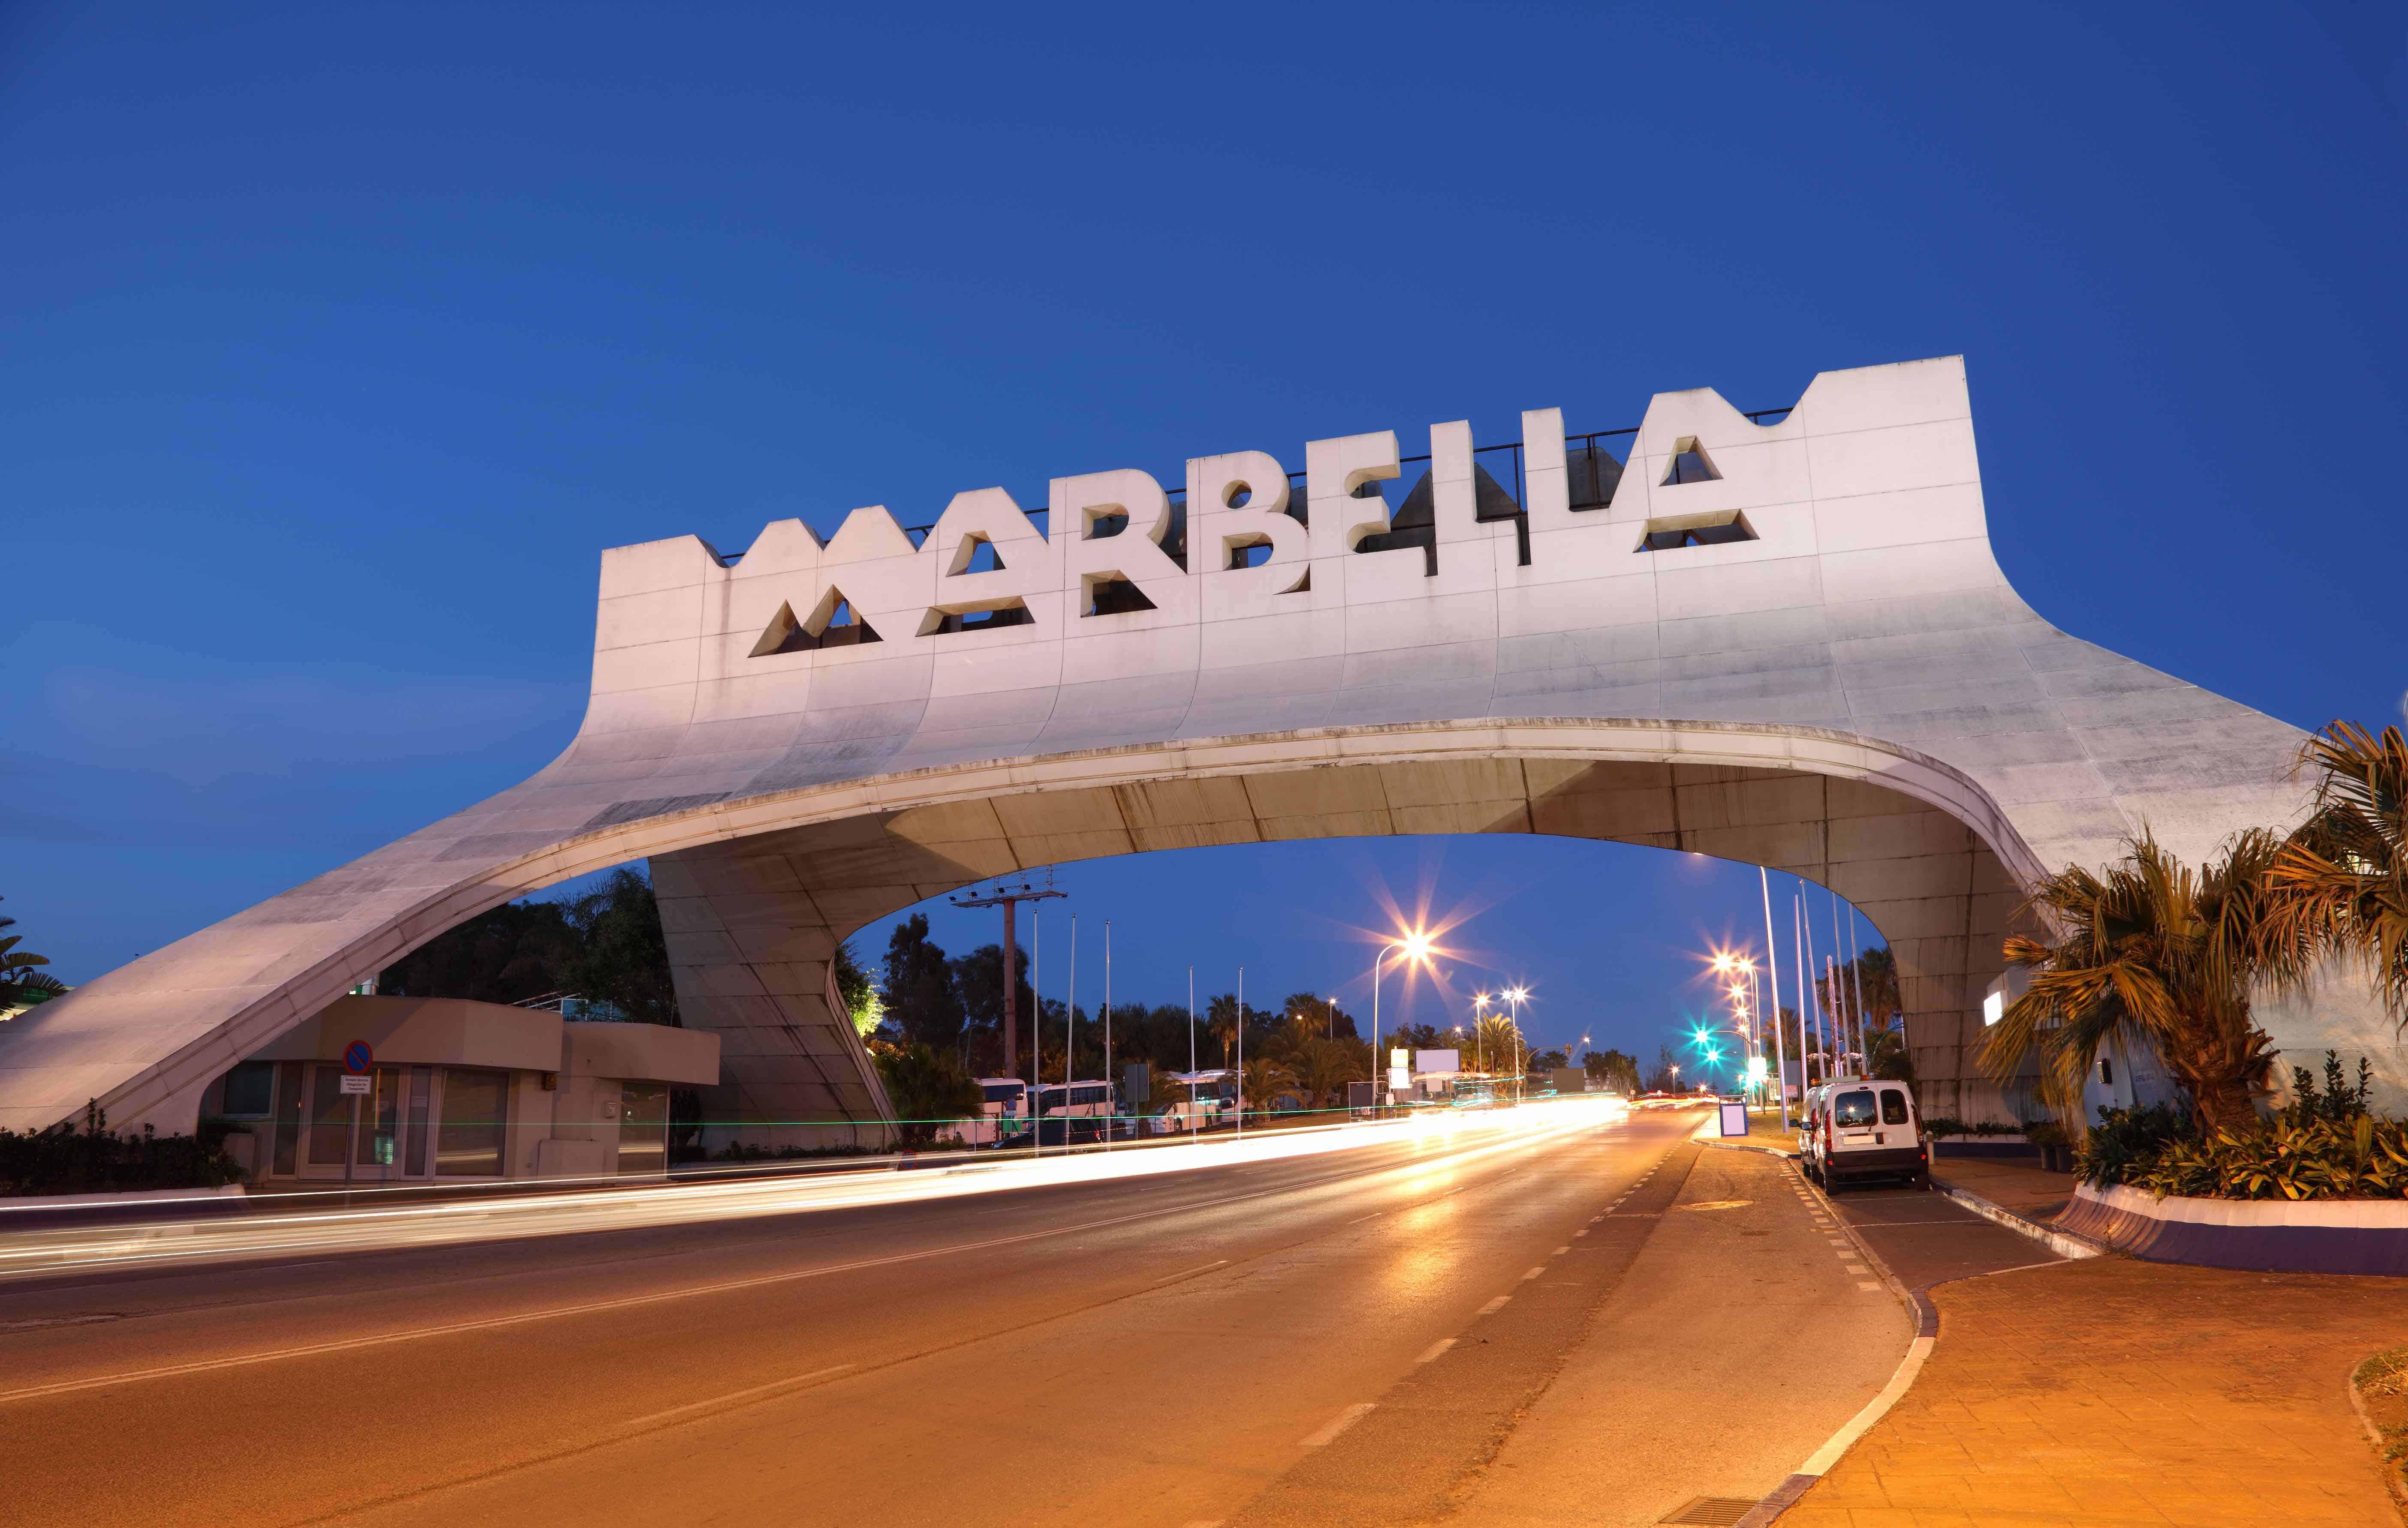 Guide to Marbella